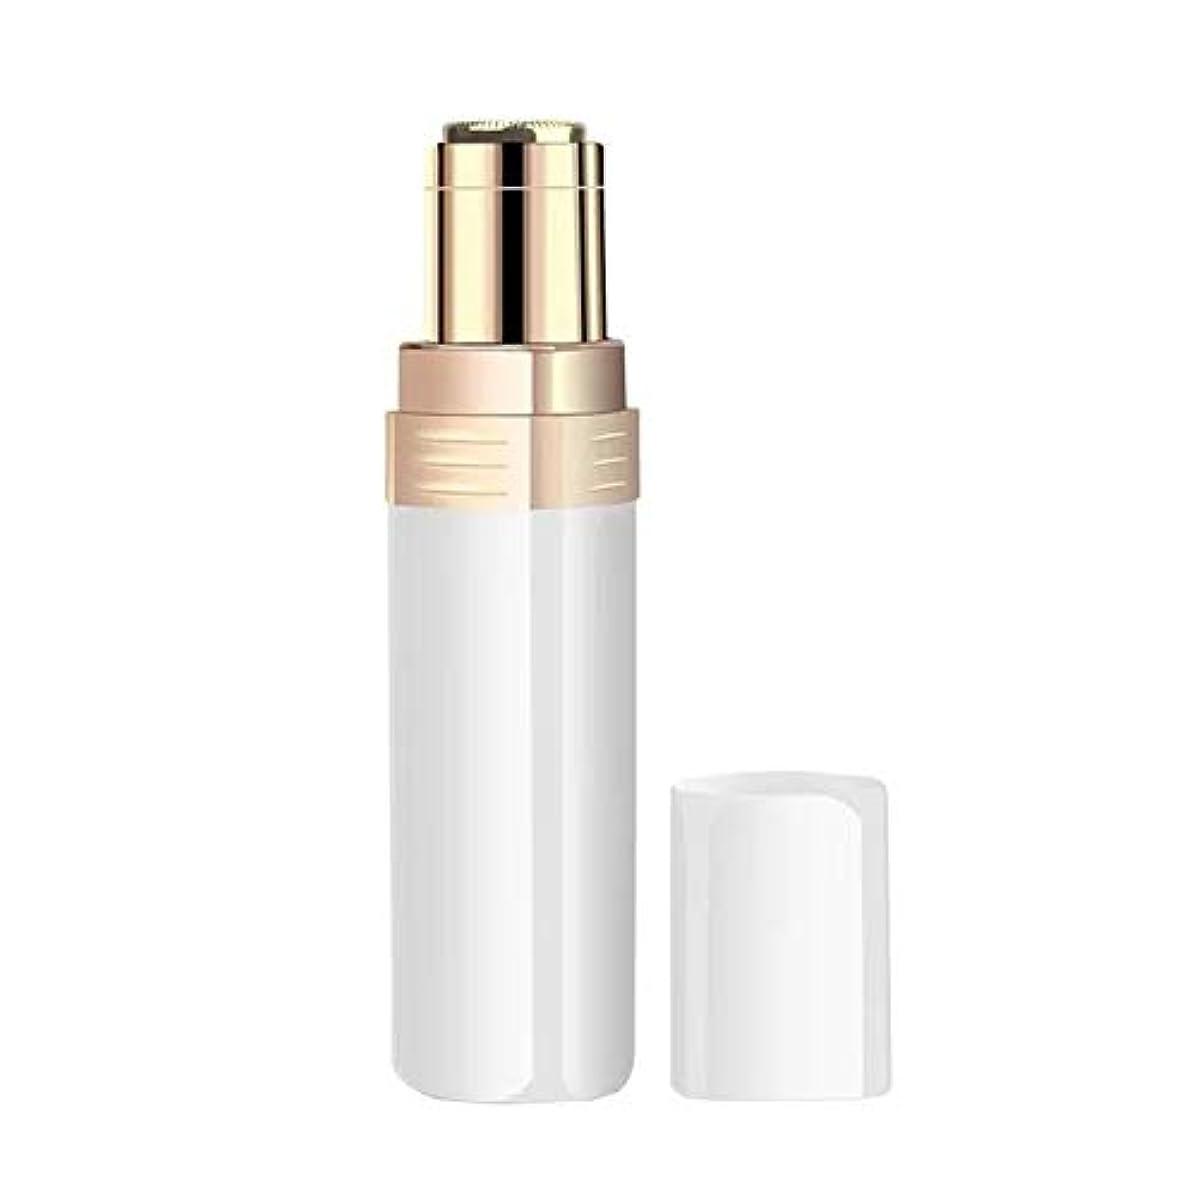 編集するショップ計算可能脱毛器、電気脱毛器、眉毛のための携帯用毛の除去剤の女性眉毛のトリマー,白